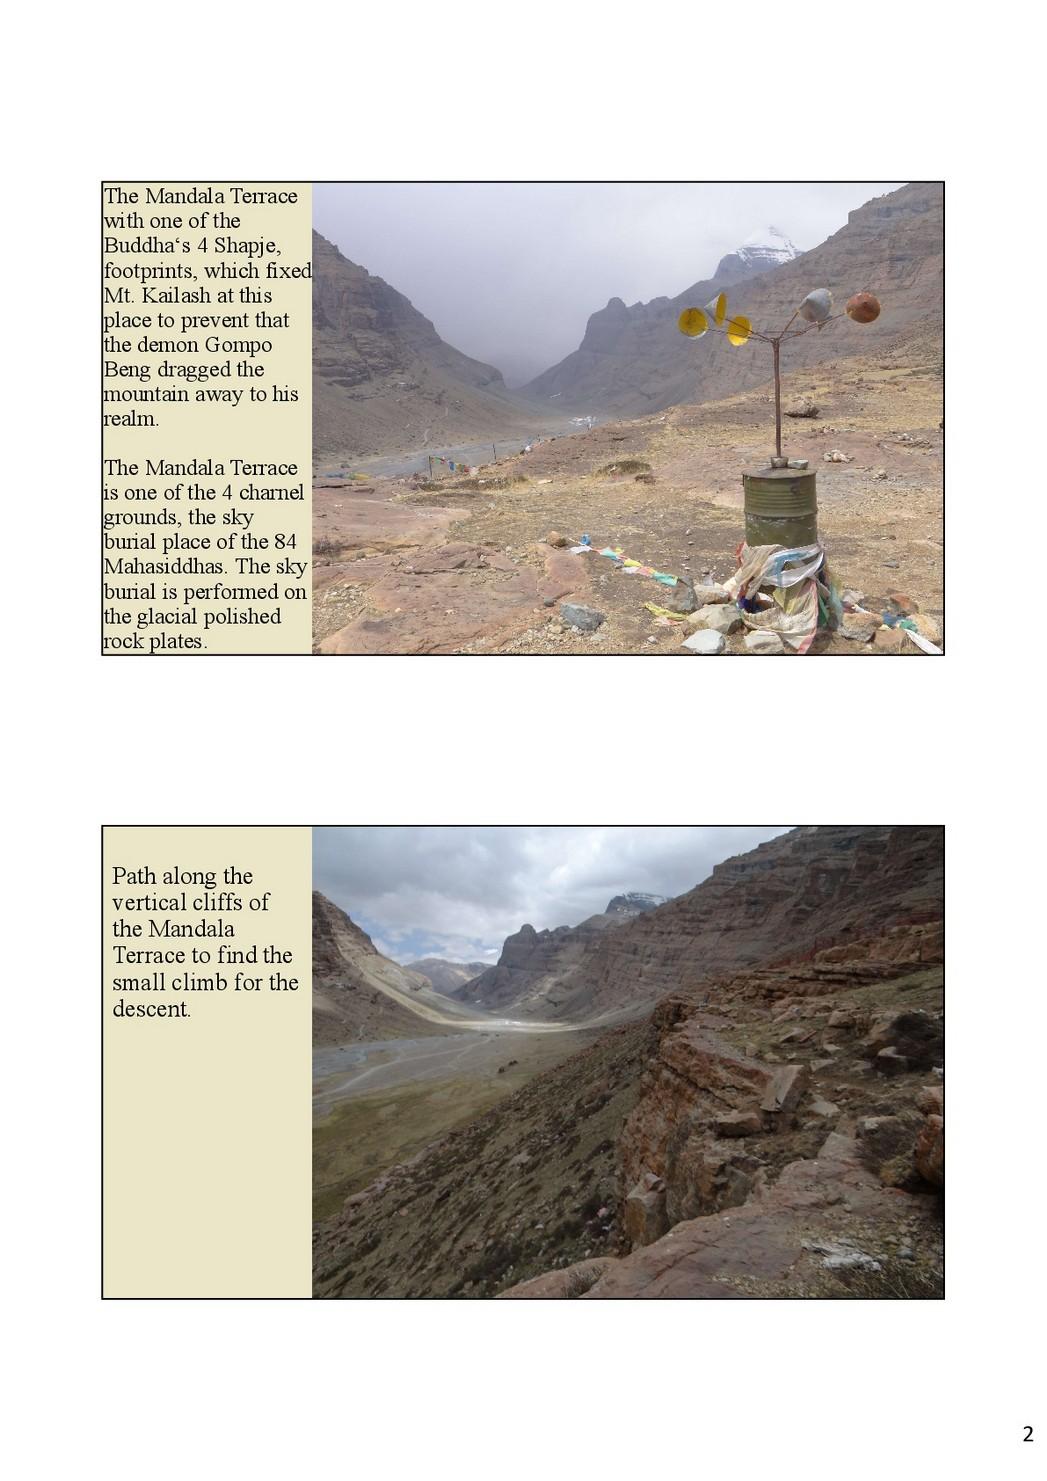 Spiral-Kora-of-Mt.-Kailash-12